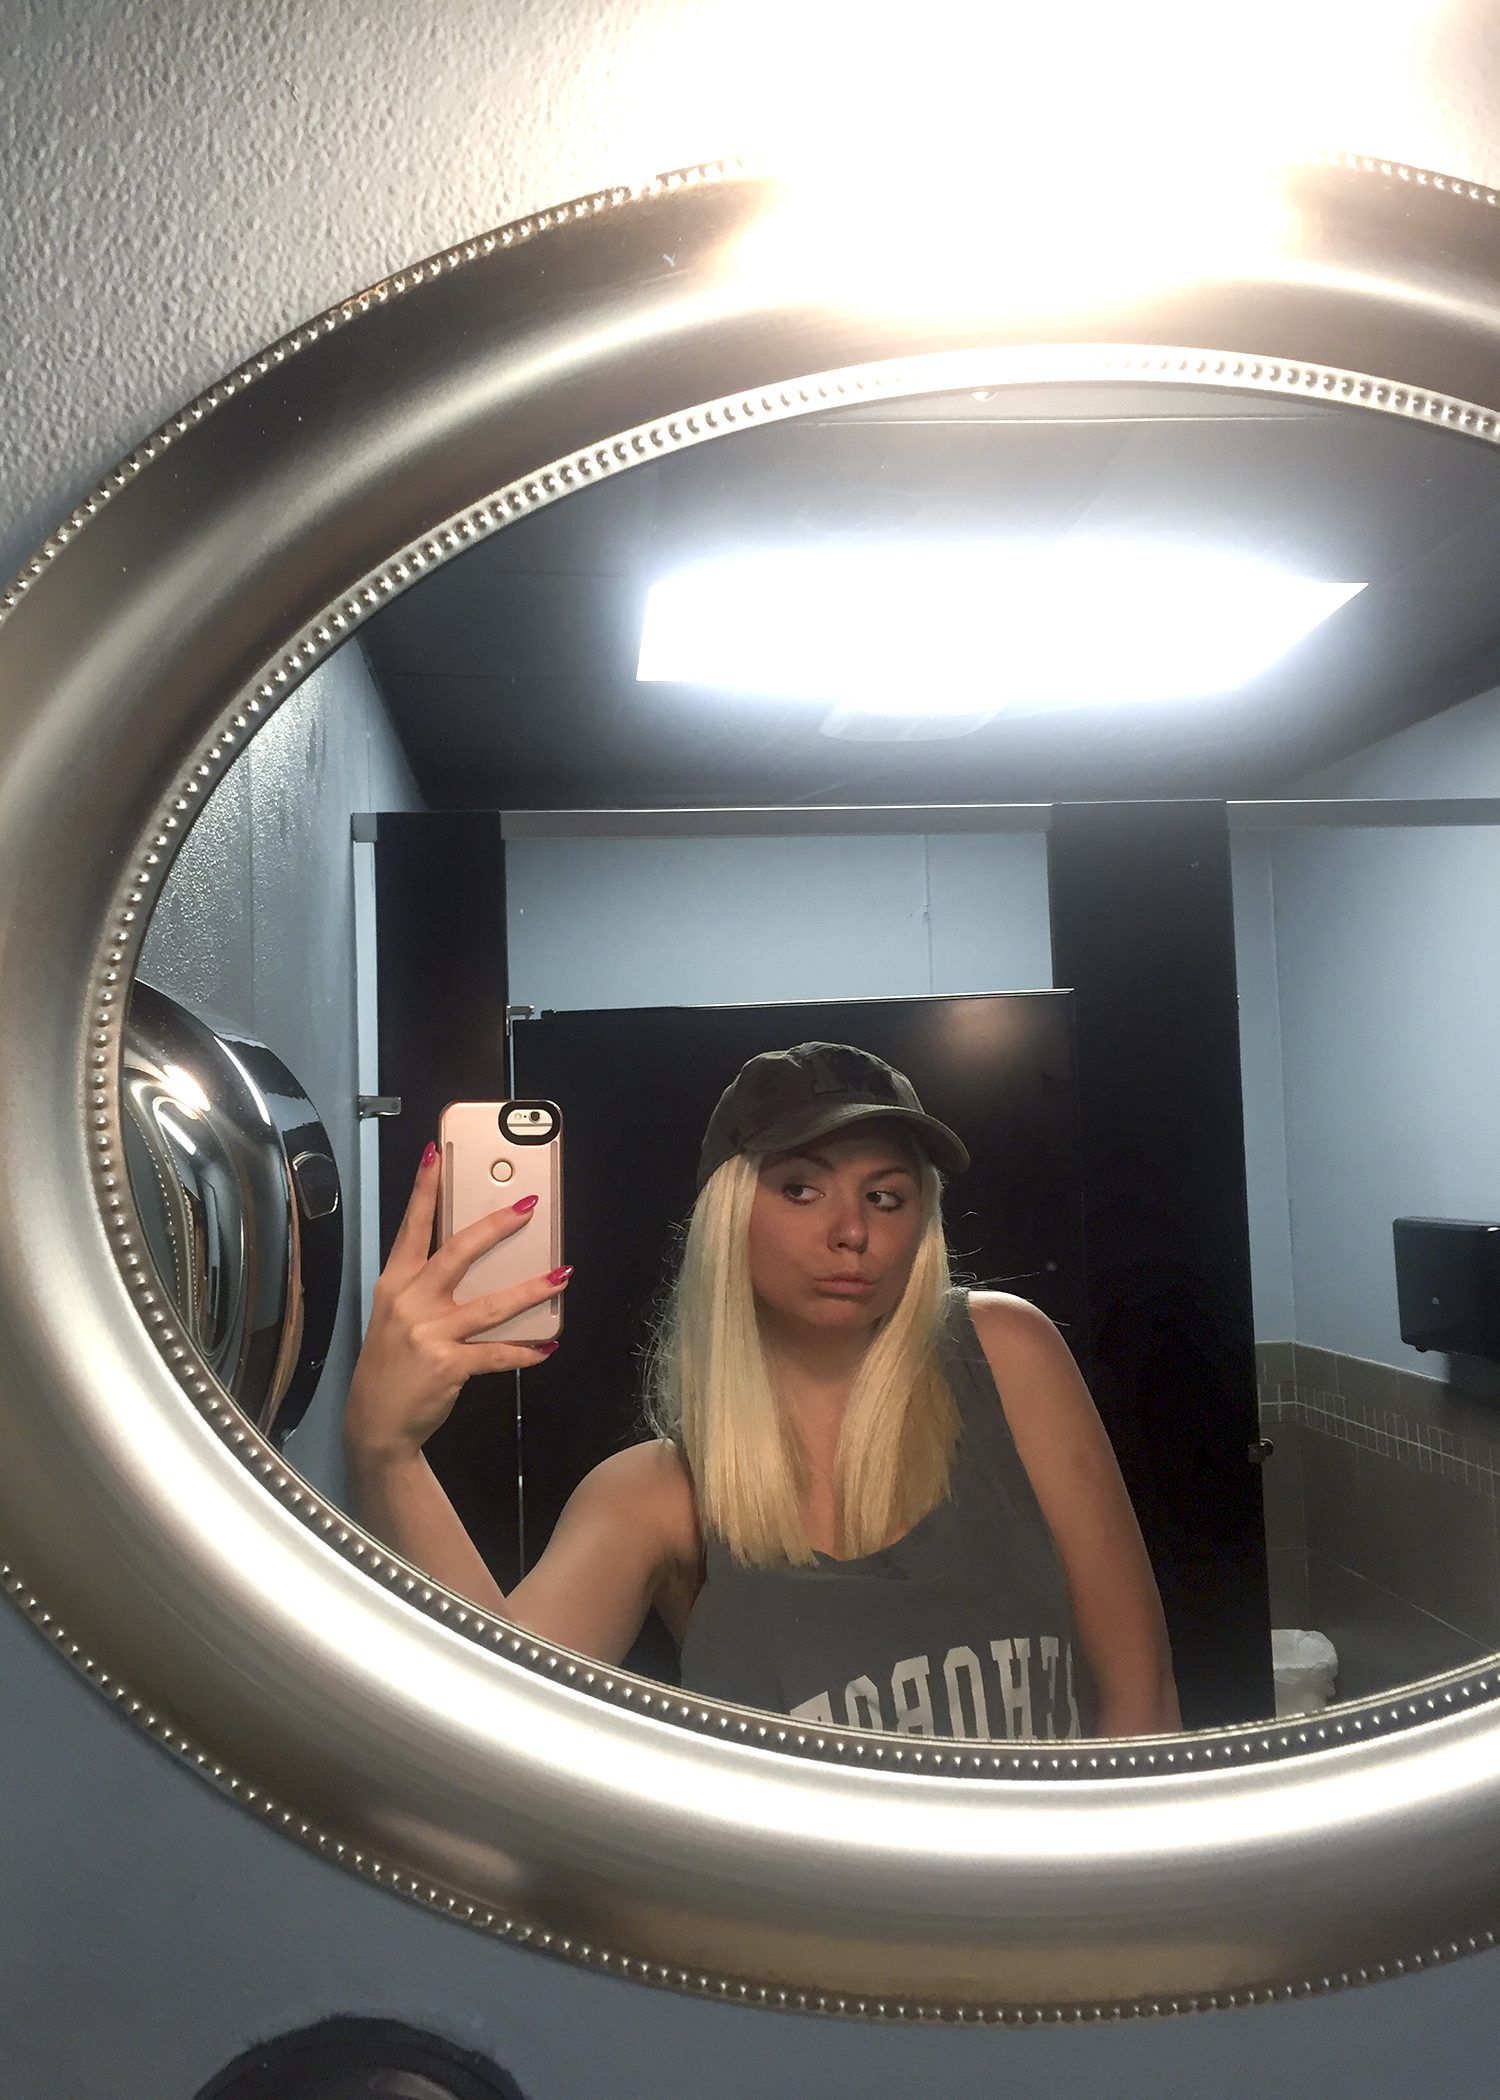 bathroomselfie copy.jpg